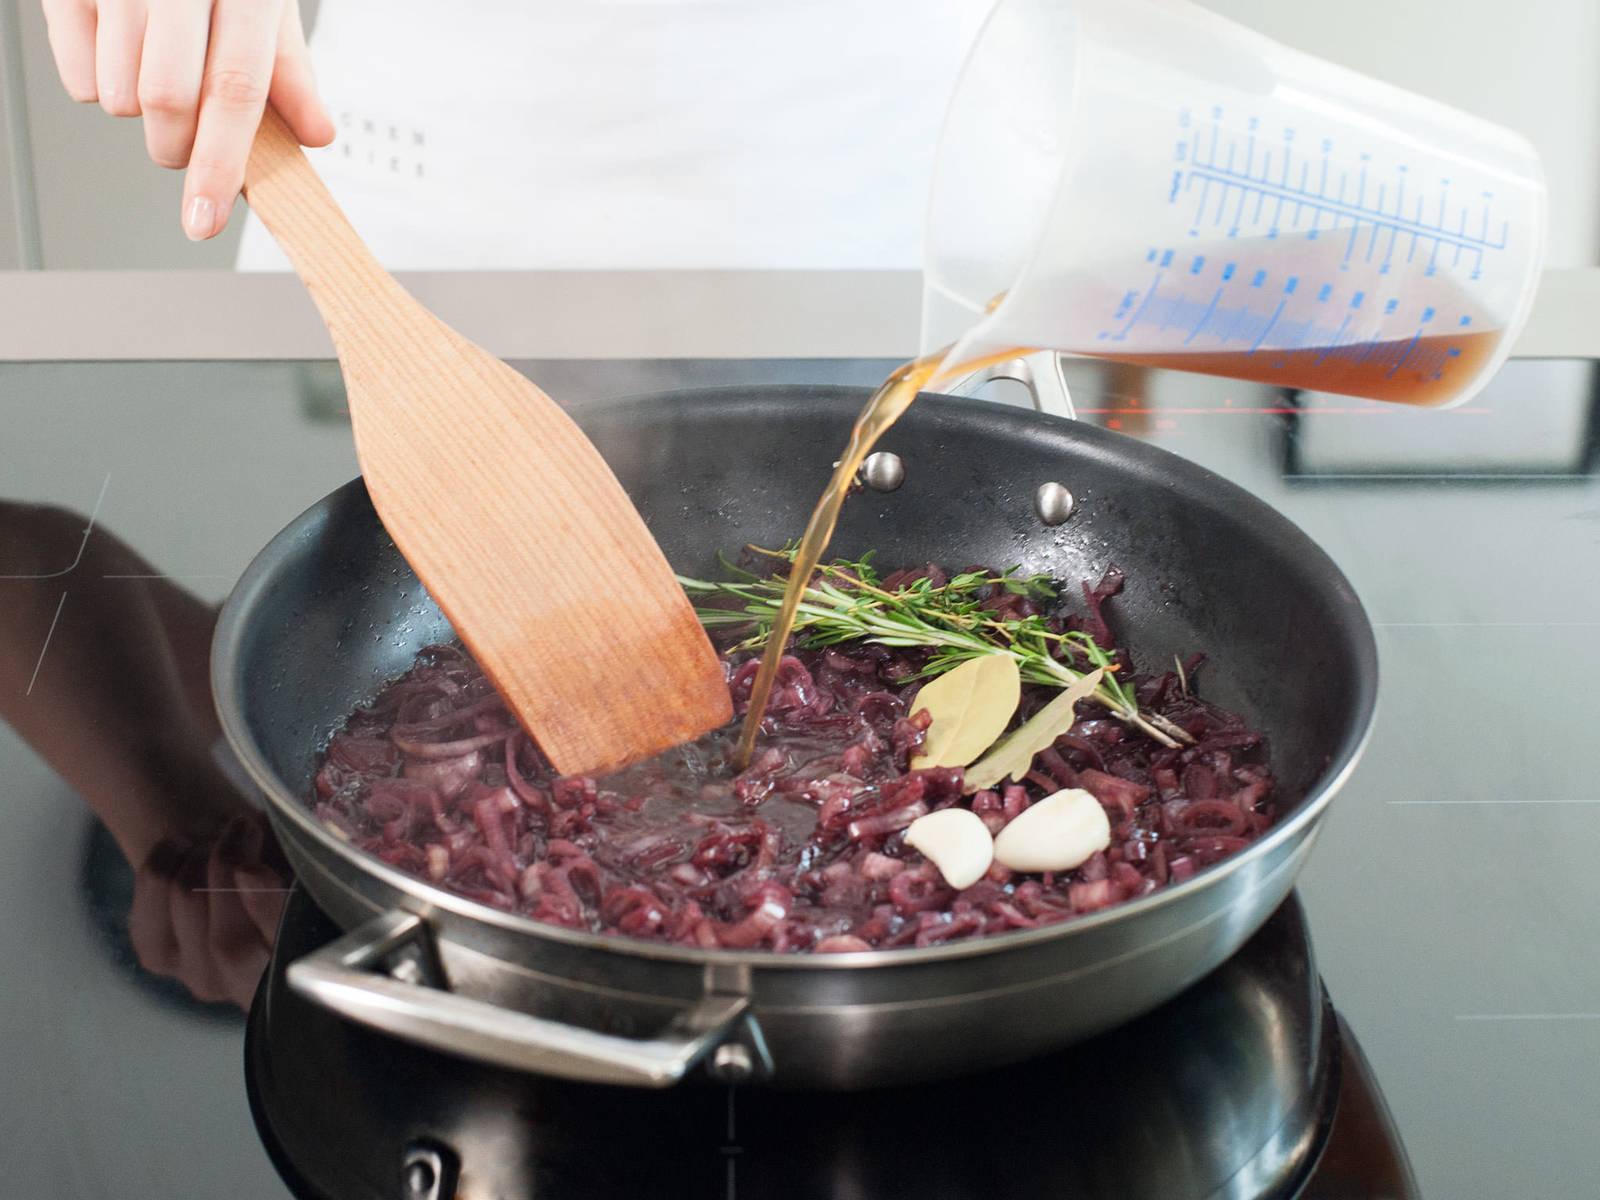 加入牛骨高汤,厨用香草和大蒜。再烧2分钟,离火并将其转入荷兰烤锅。